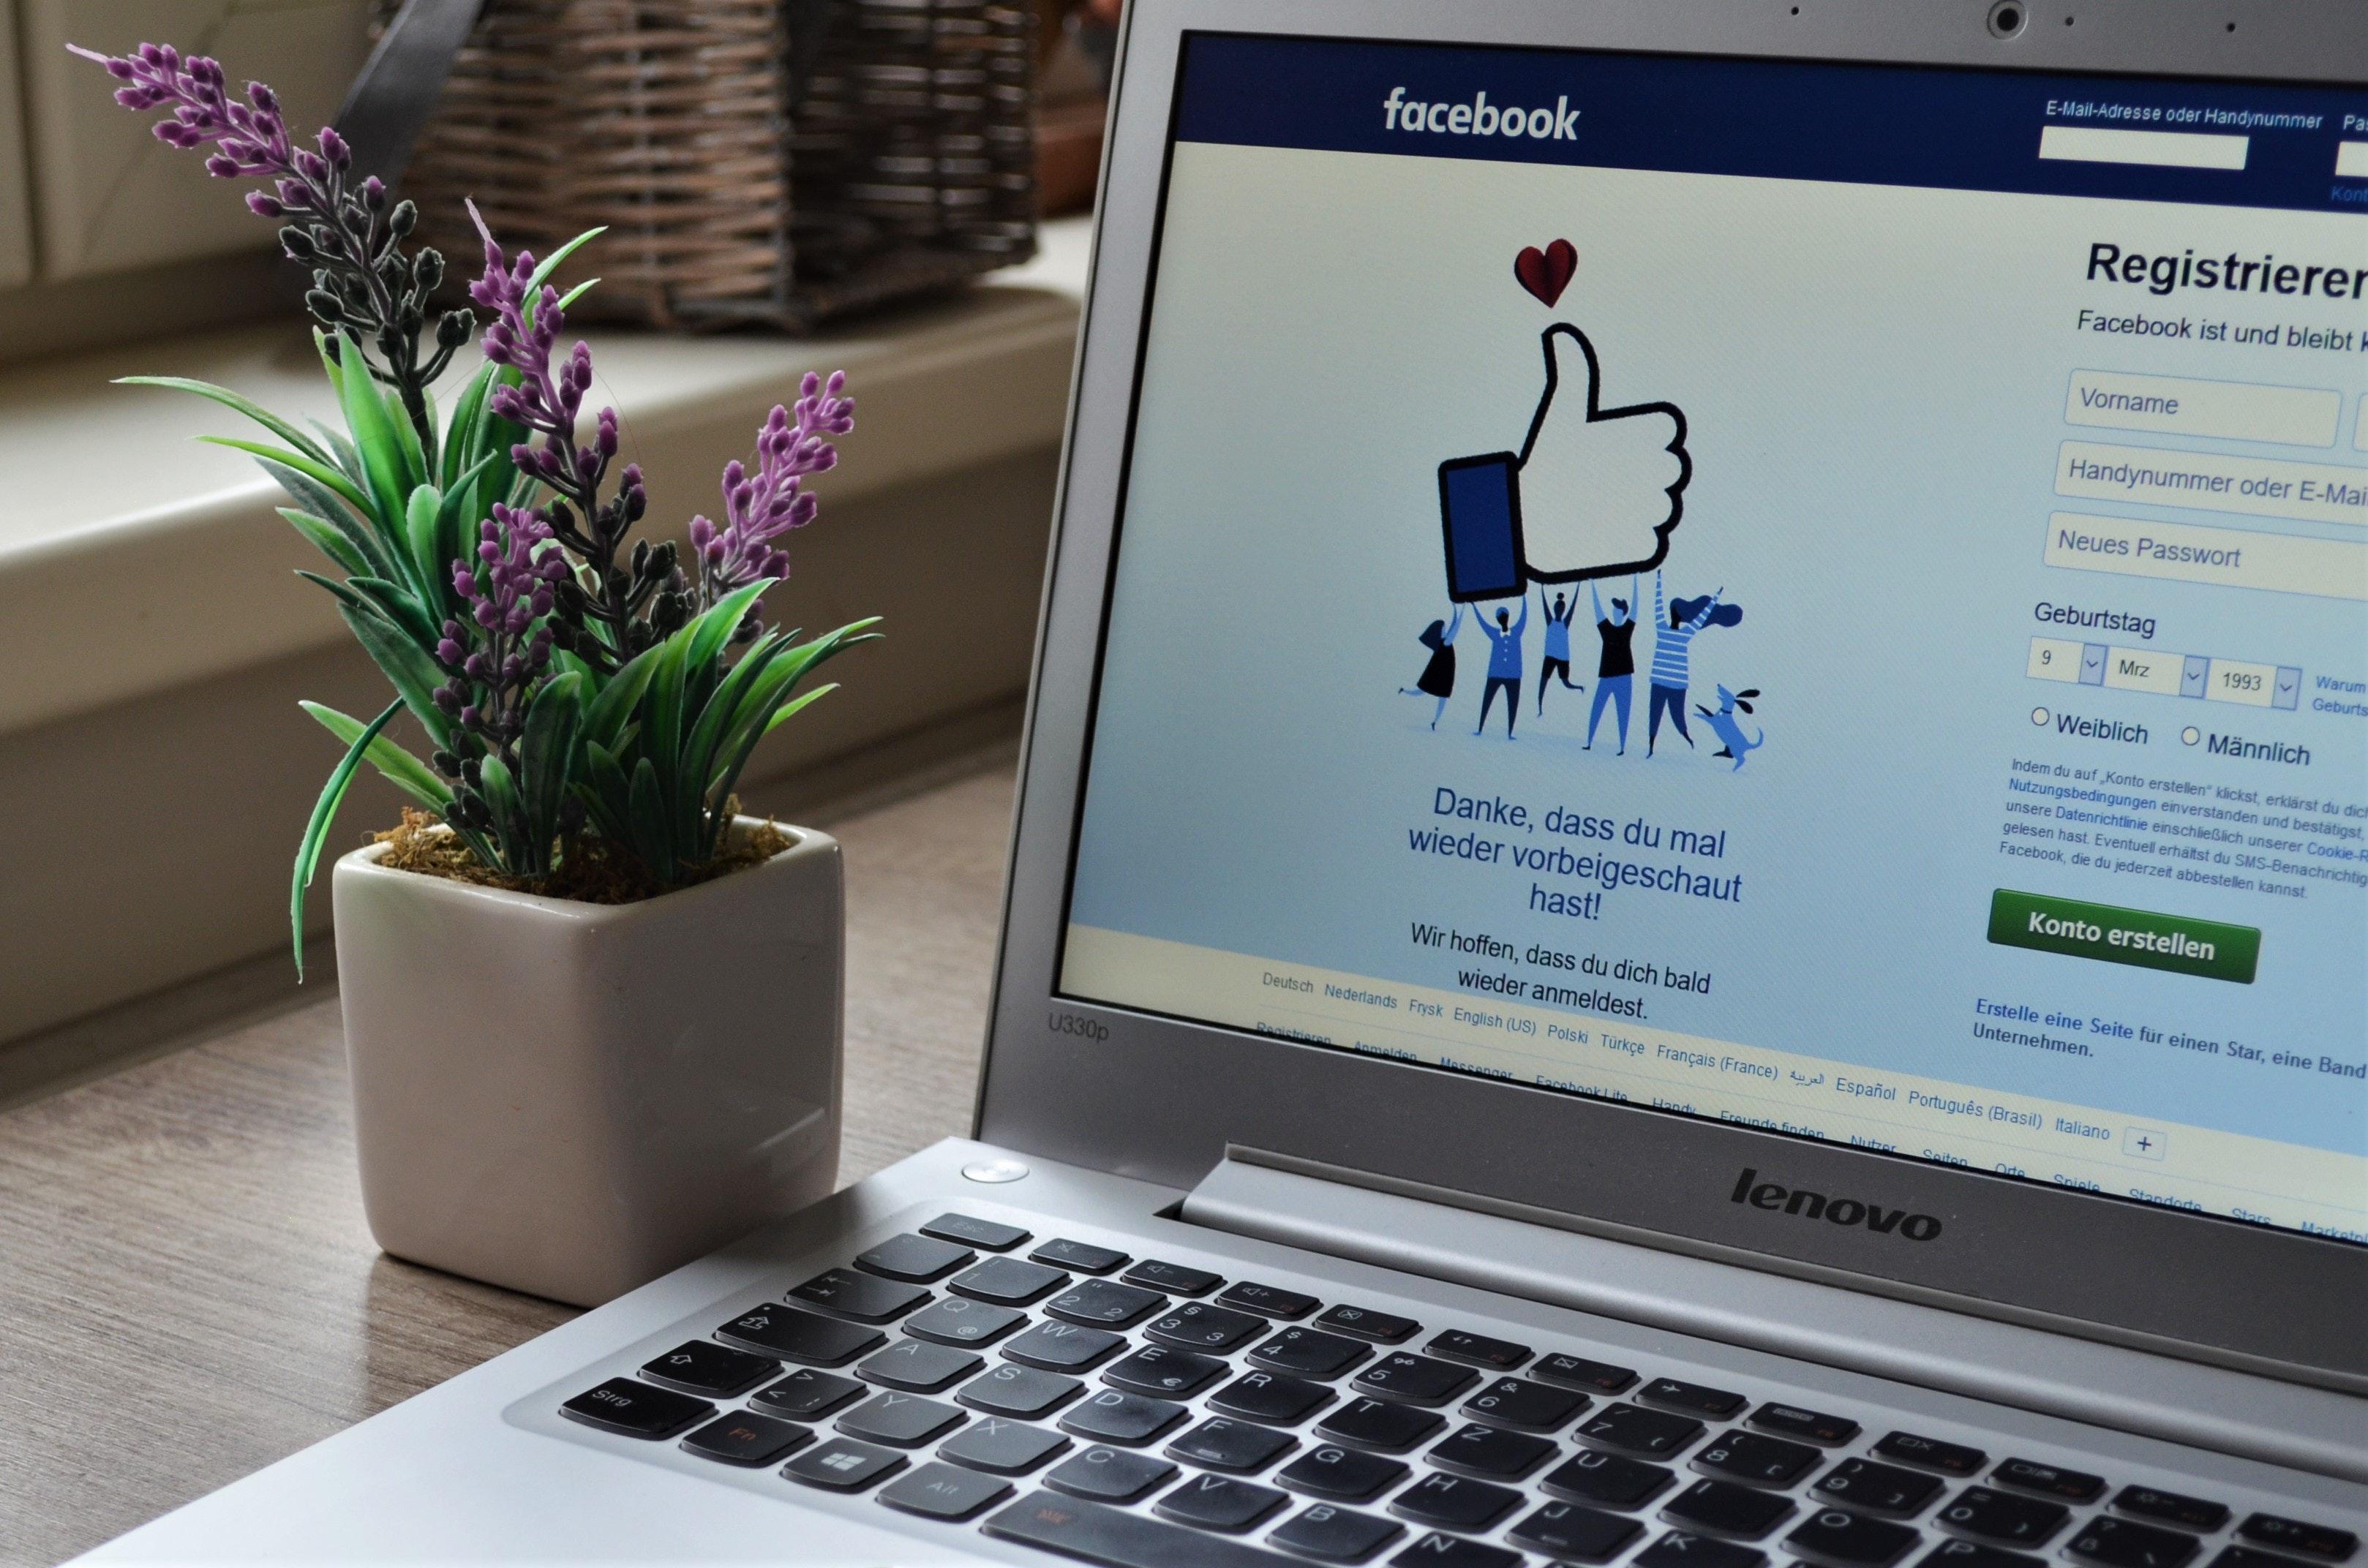 Foto van een laptop met de inlogpagina van facebook op het scherm